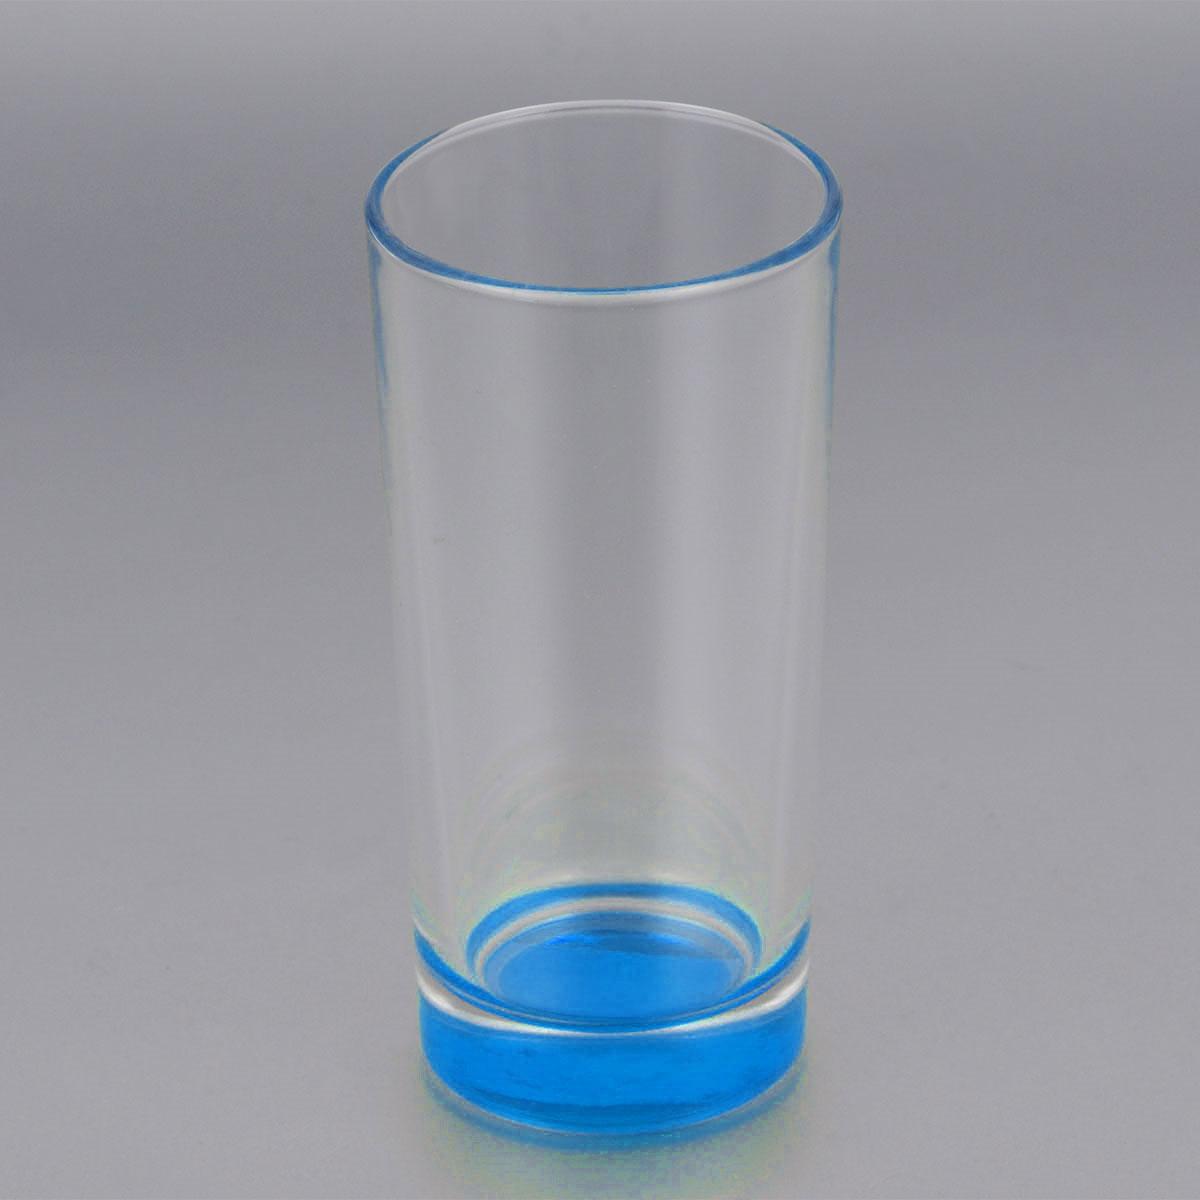 Стакан высокий ОСЗ Лак, цвет: синий, 280 мл03С1018 ЛМ_синийВысокий стакан ОСЗ Лак изготовлен из высококачественного стекла, которое изысканно блестит и переливается на свету. Дно стакана окрашено. Стакан прозрачный, но при его наклоне создается оптическая иллюзия того, что и сам стакан окрашен. Такой стакан отлично дополнит вашу коллекцию кухонной утвари и порадует вас ярким необычным дизайном и практичностью. Диаметр стакана: 7 см. Высота стакана: 14 см.